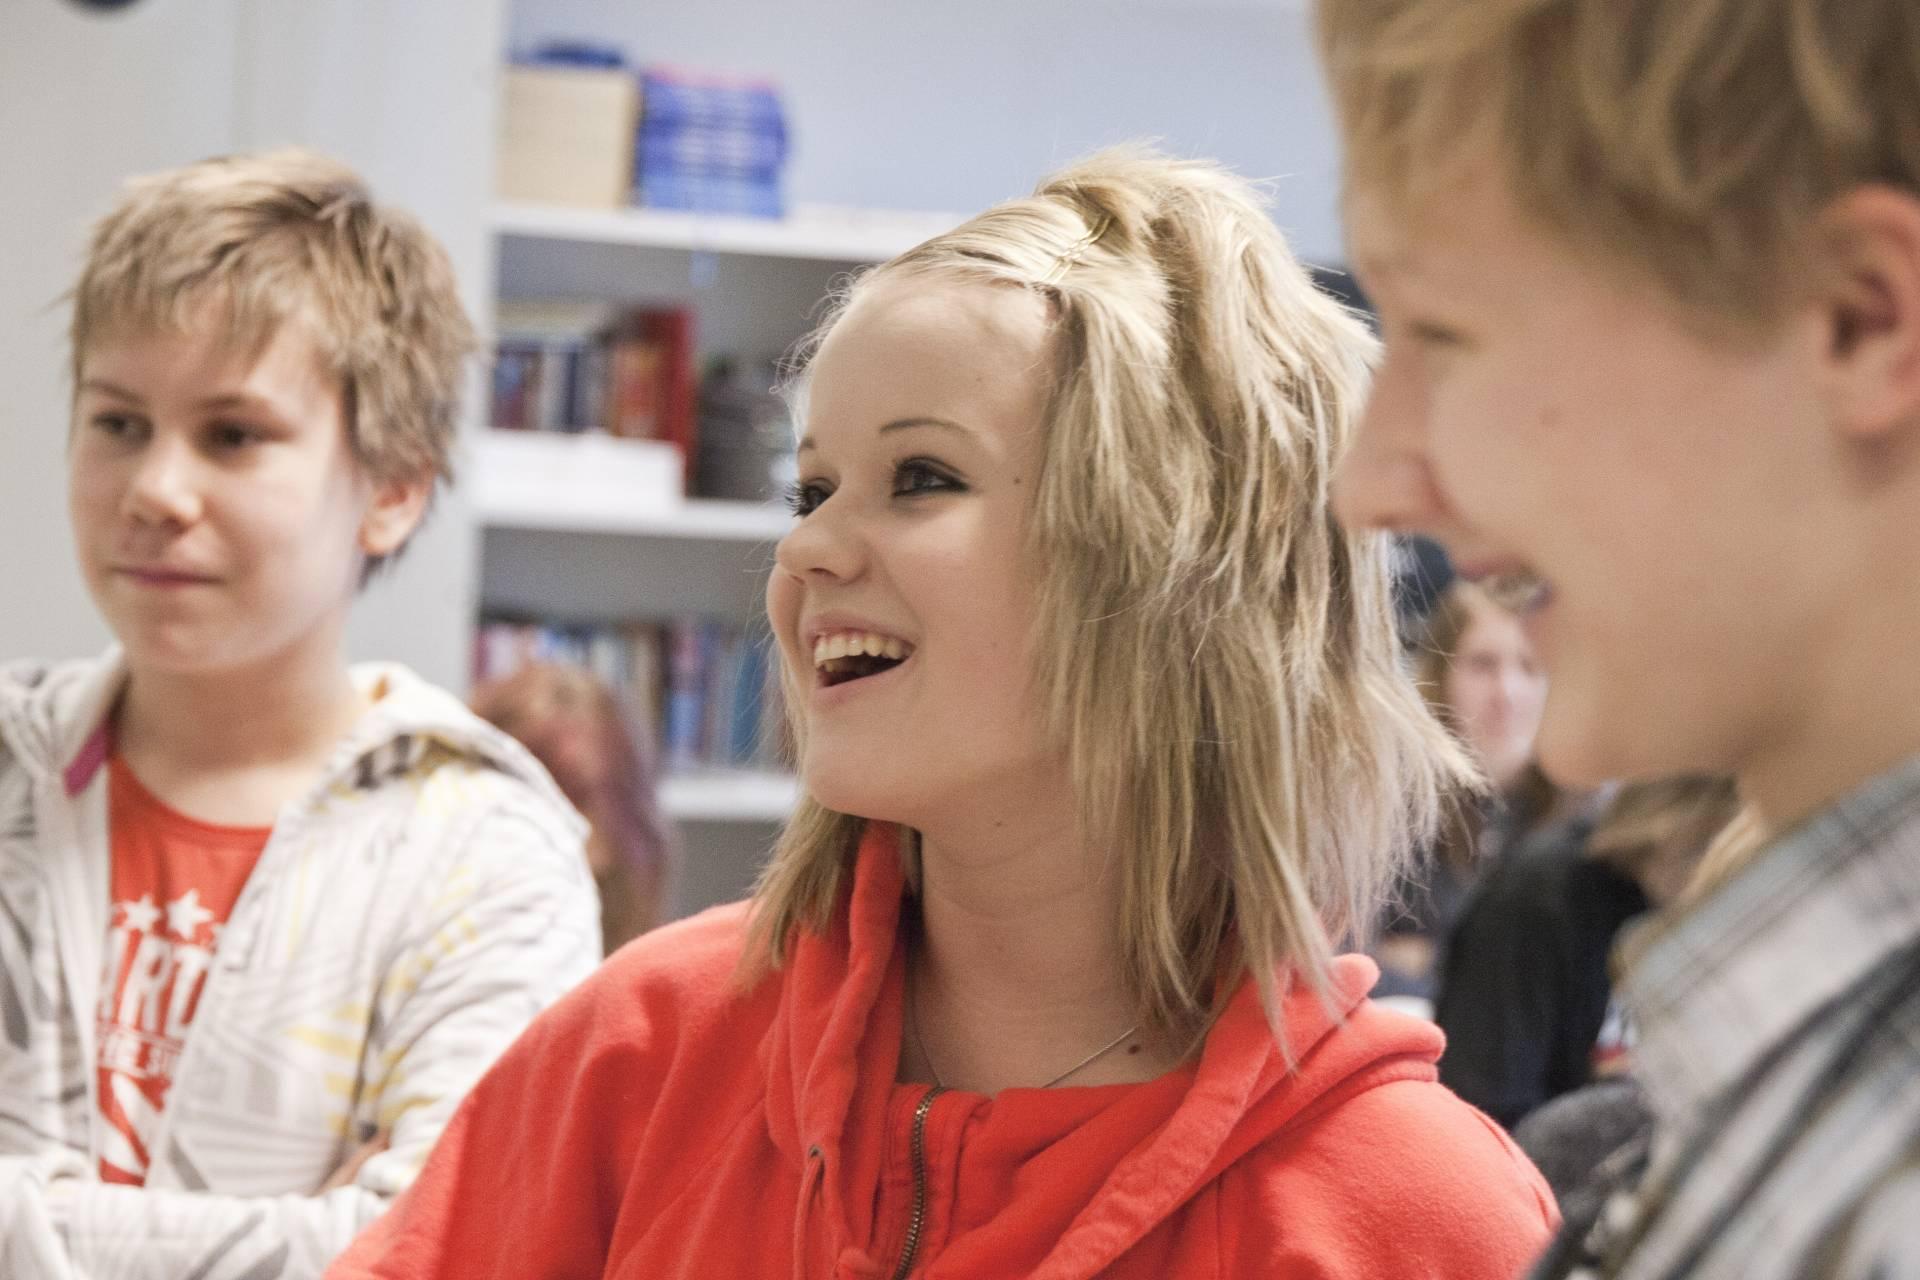 Kuvituskuva yläkoululaisesta tytöstä joka nauraa